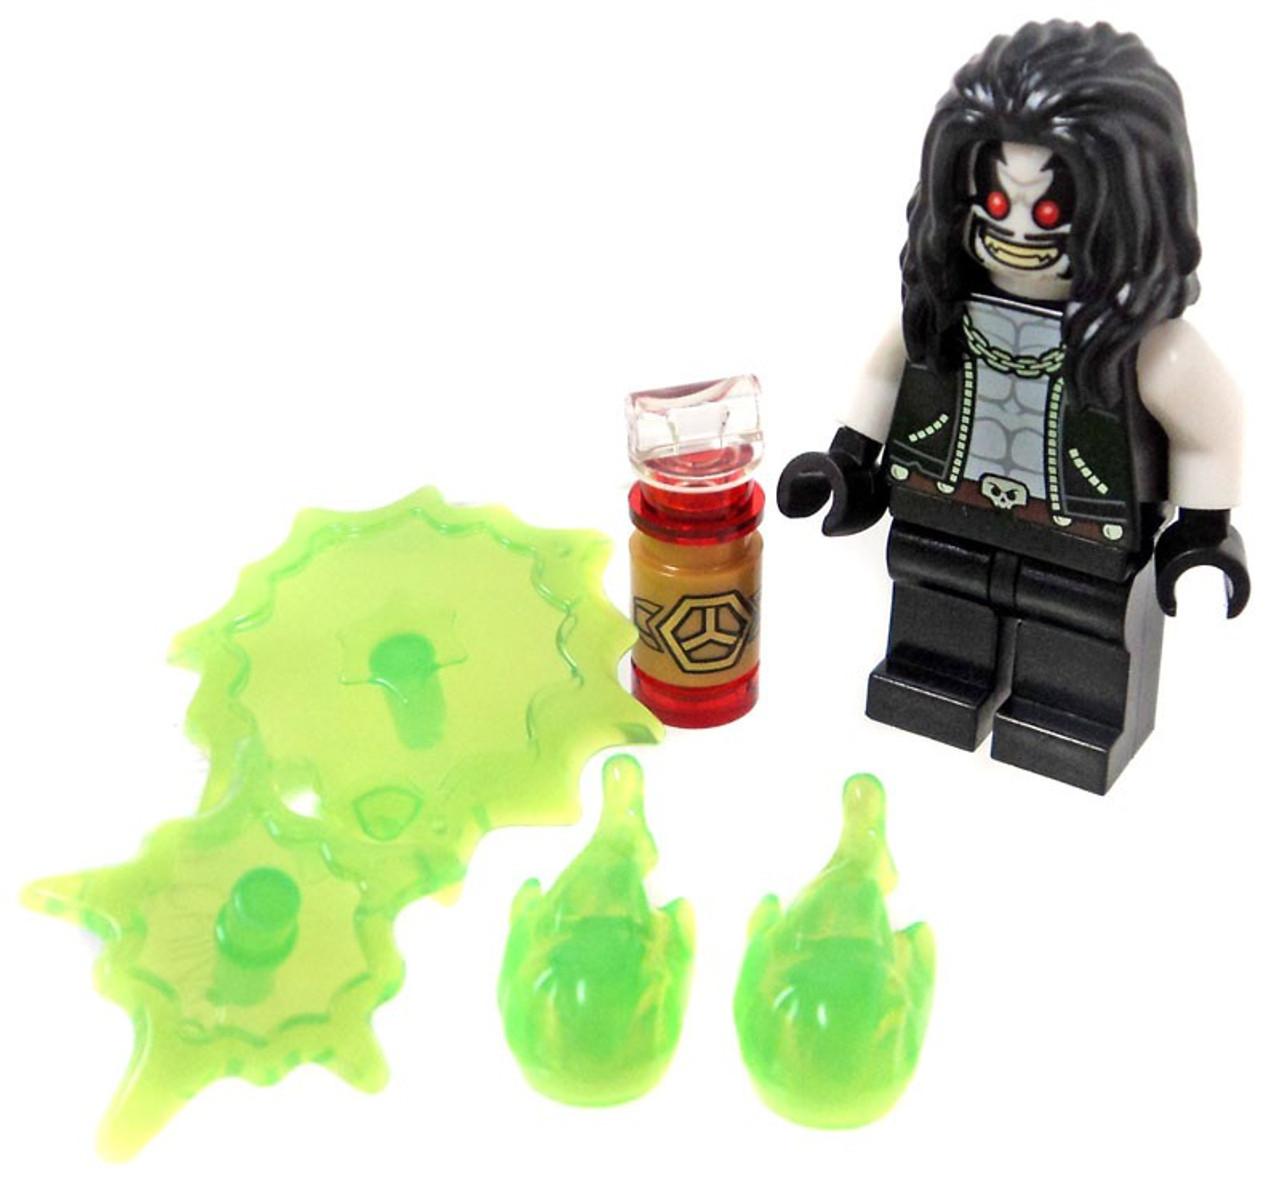 LEGO New Justice League Lobo Minifigure